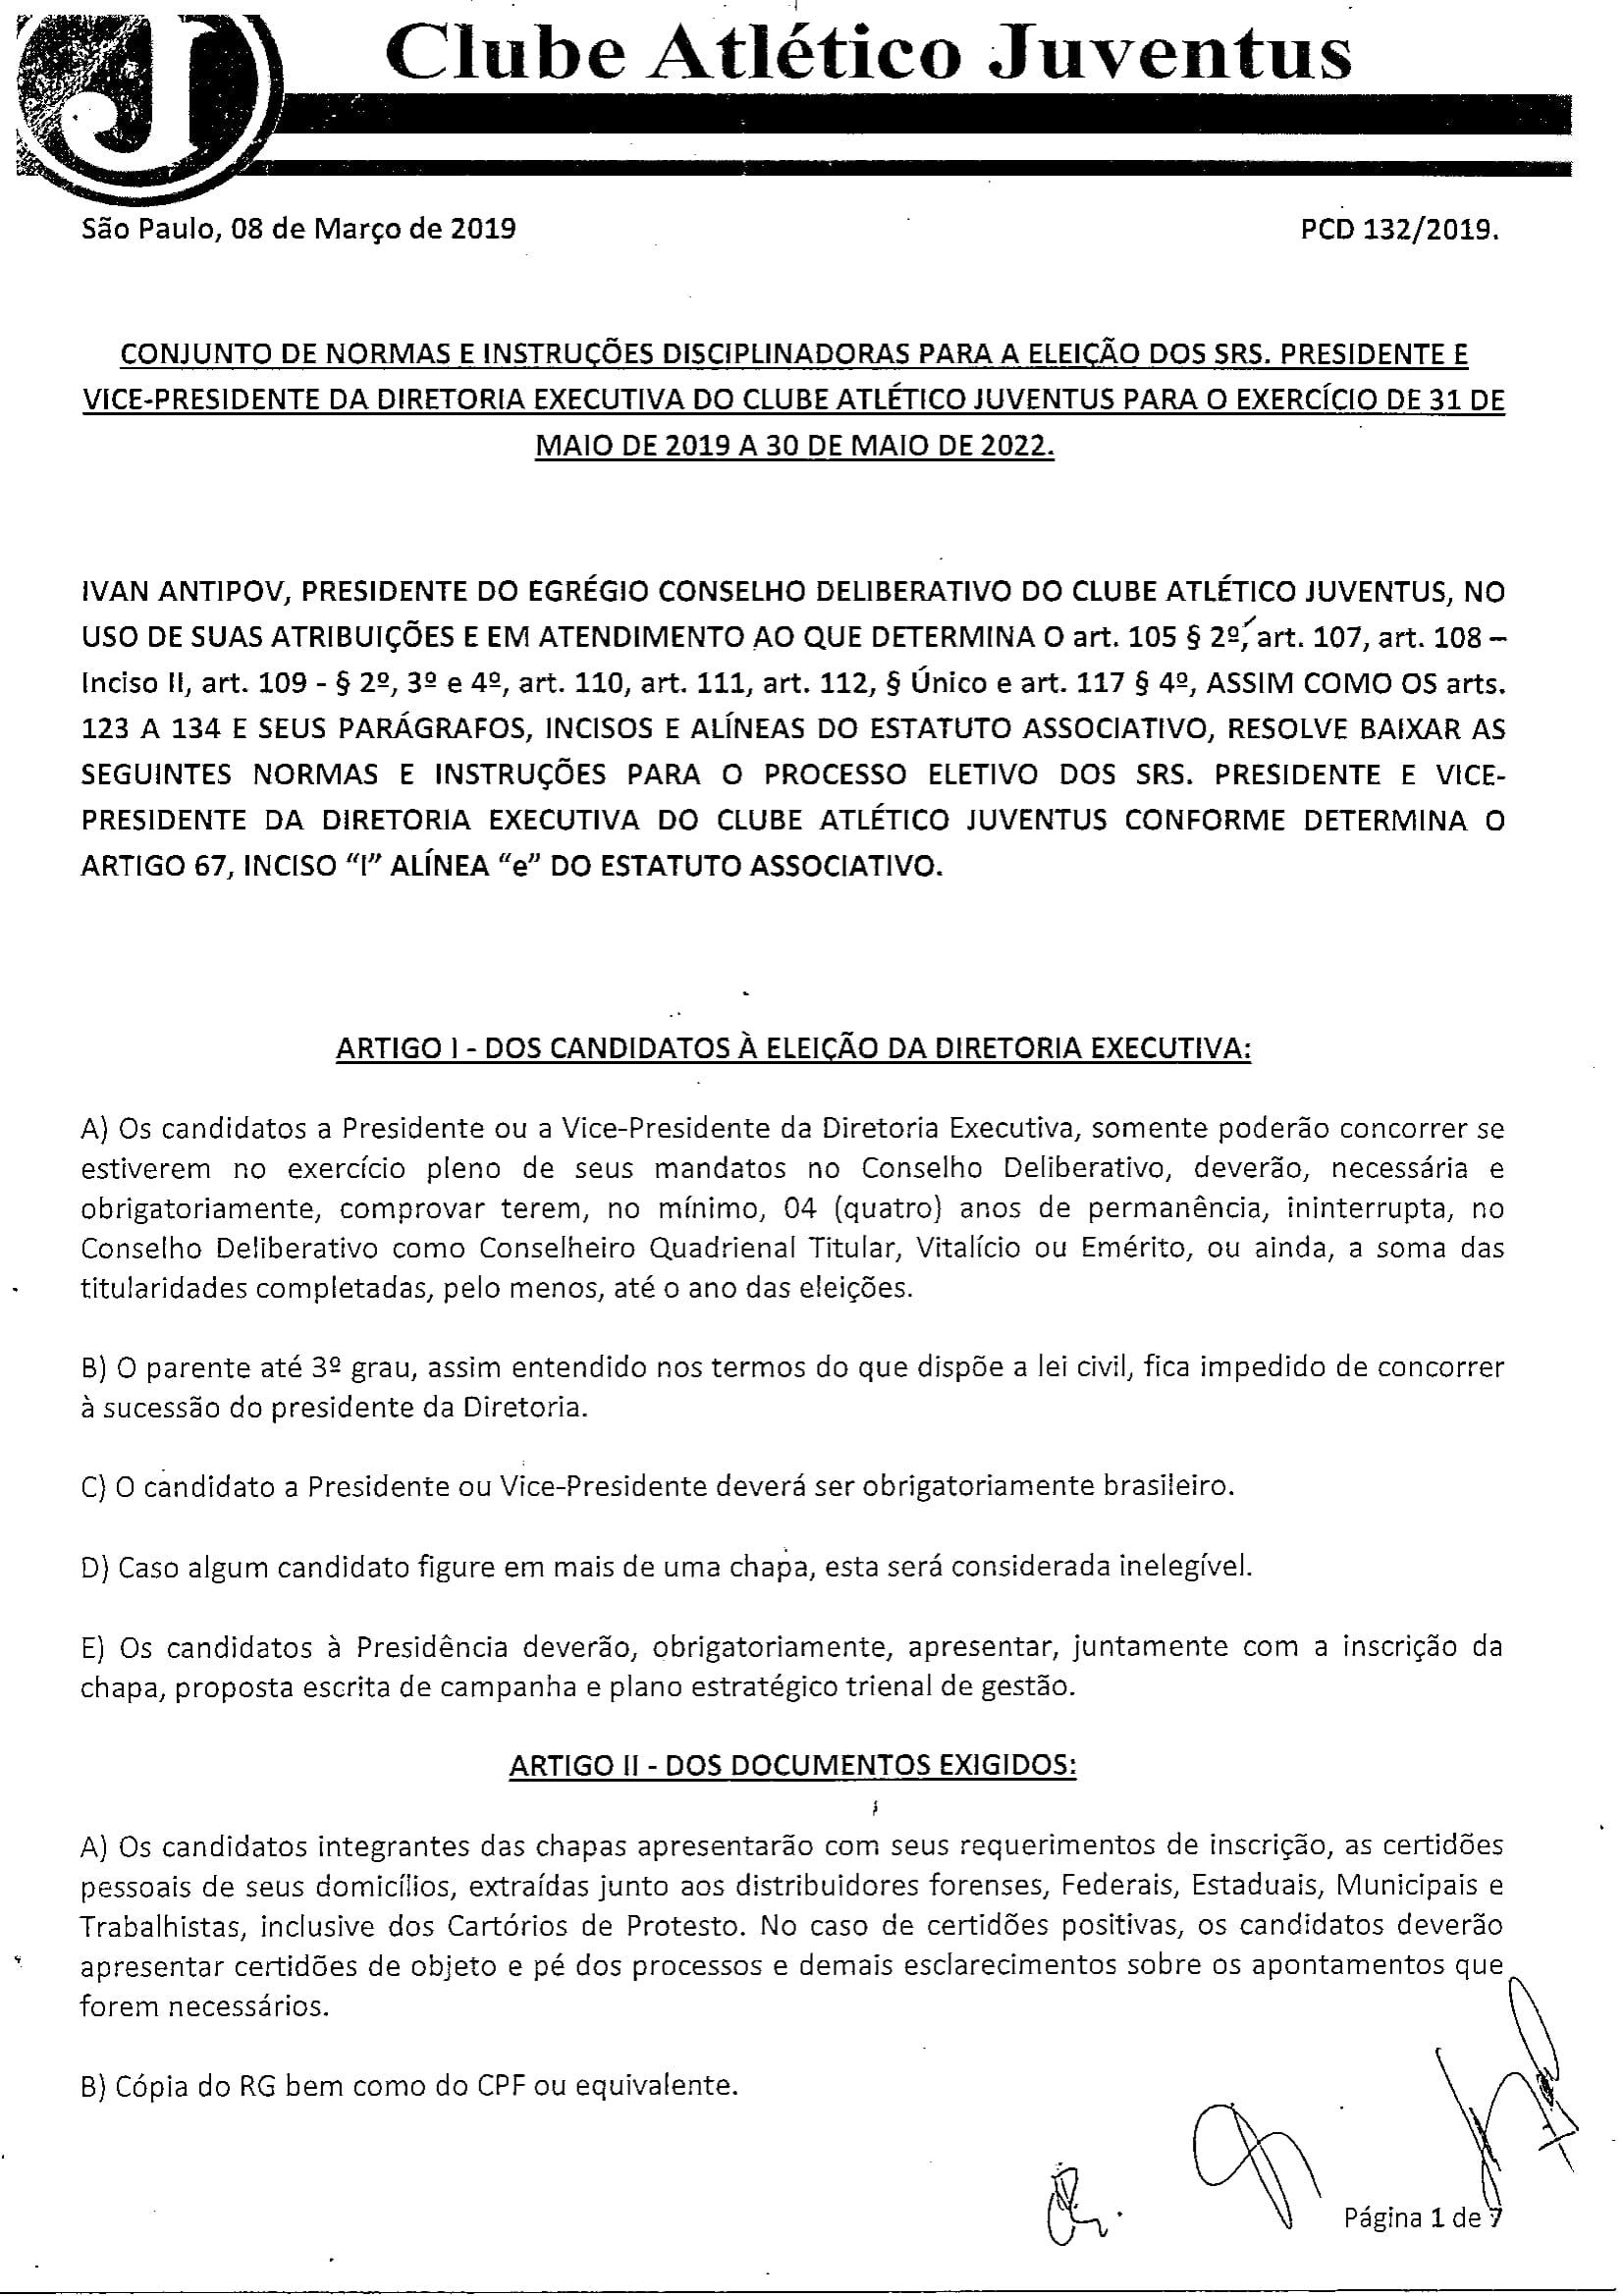 NORMAS DISCIPLINADORAS ELEIÇÃO 2019072-1